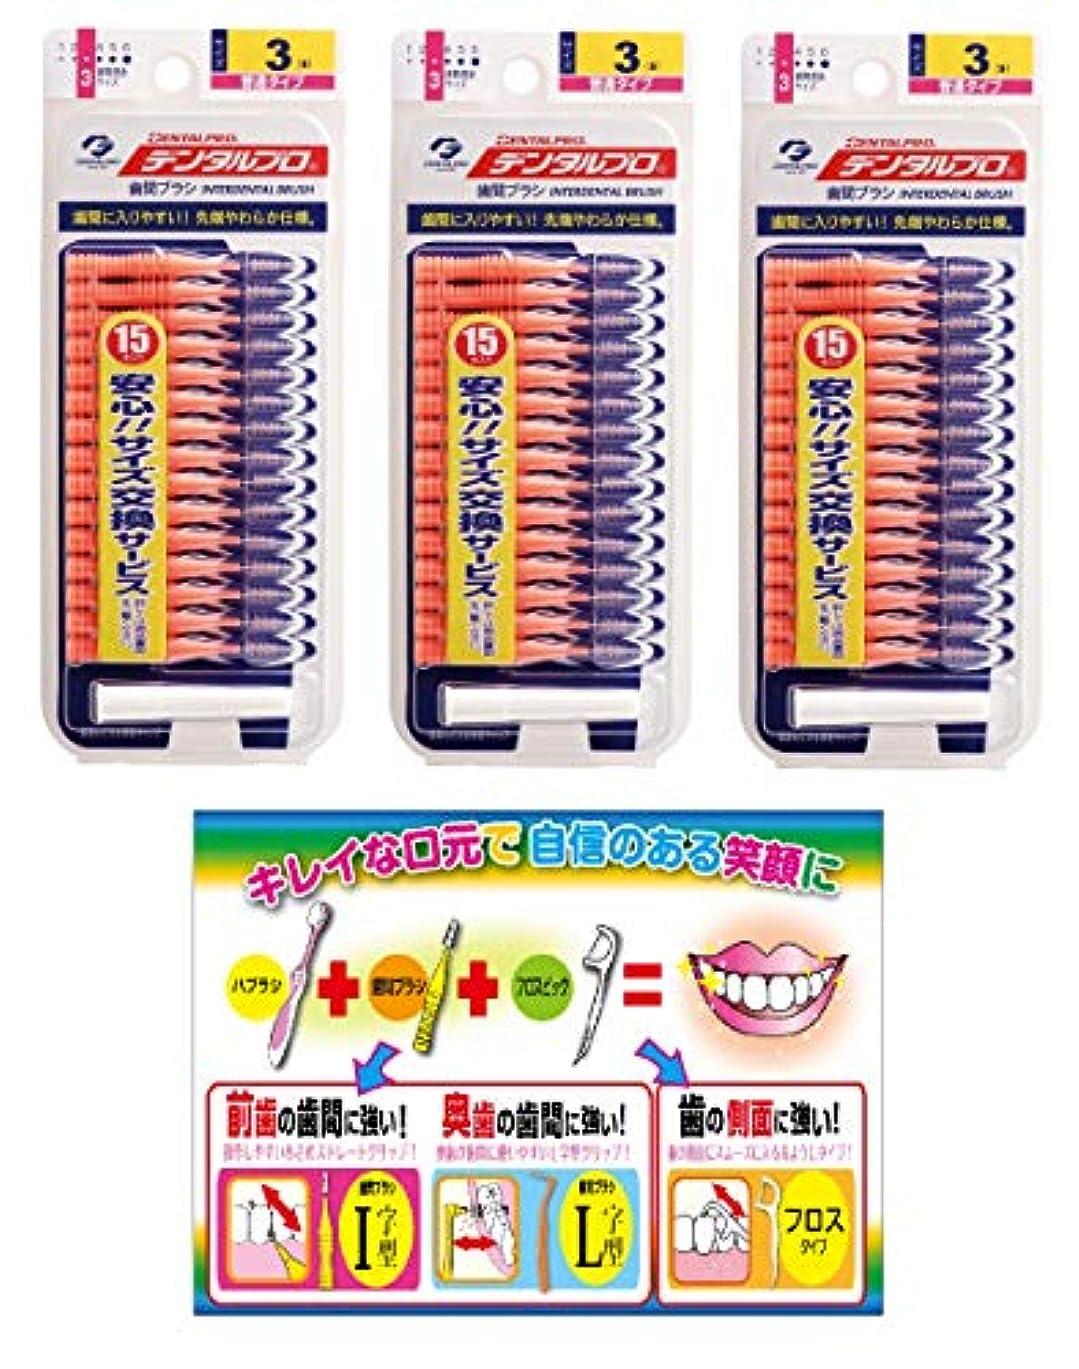 投げるバルセロナ嵐が丘【Amazon.co.jp限定】DP歯間ブラシ15P サイズ3 3P+リーフレット